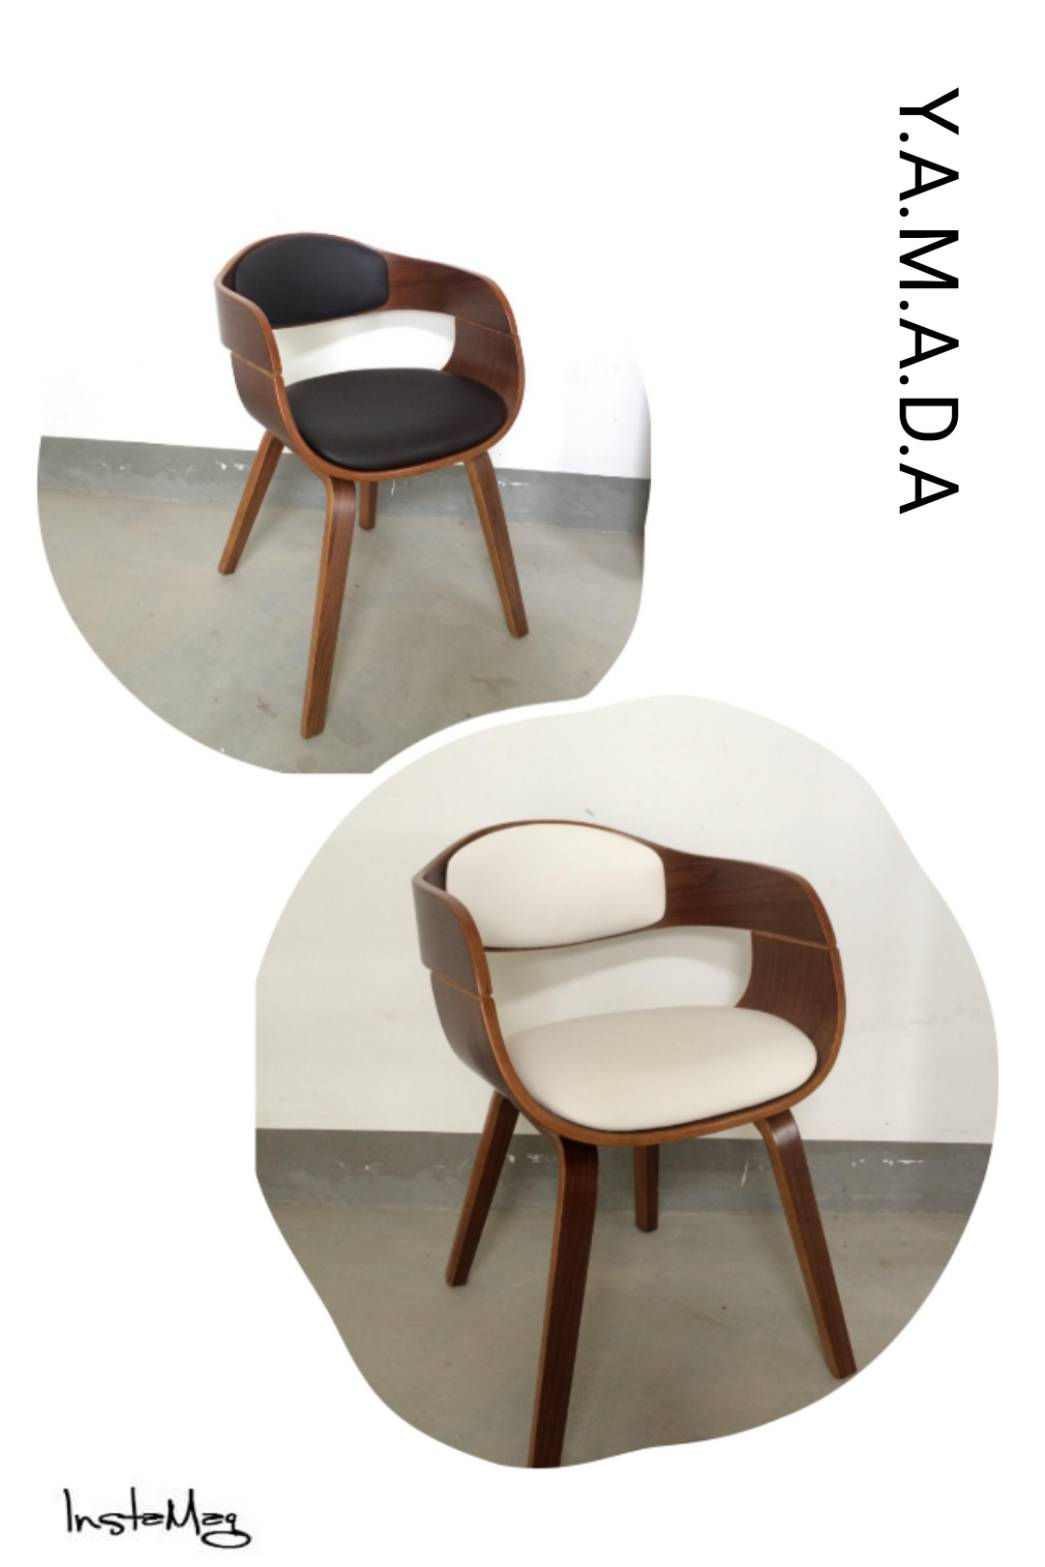 เก้าอี้ดีไซน์สวย หุ้มด้วยหนังสีดำ-ขาว สำหรับร้านอาหาร ร้านกาแฟ (YAMADA)